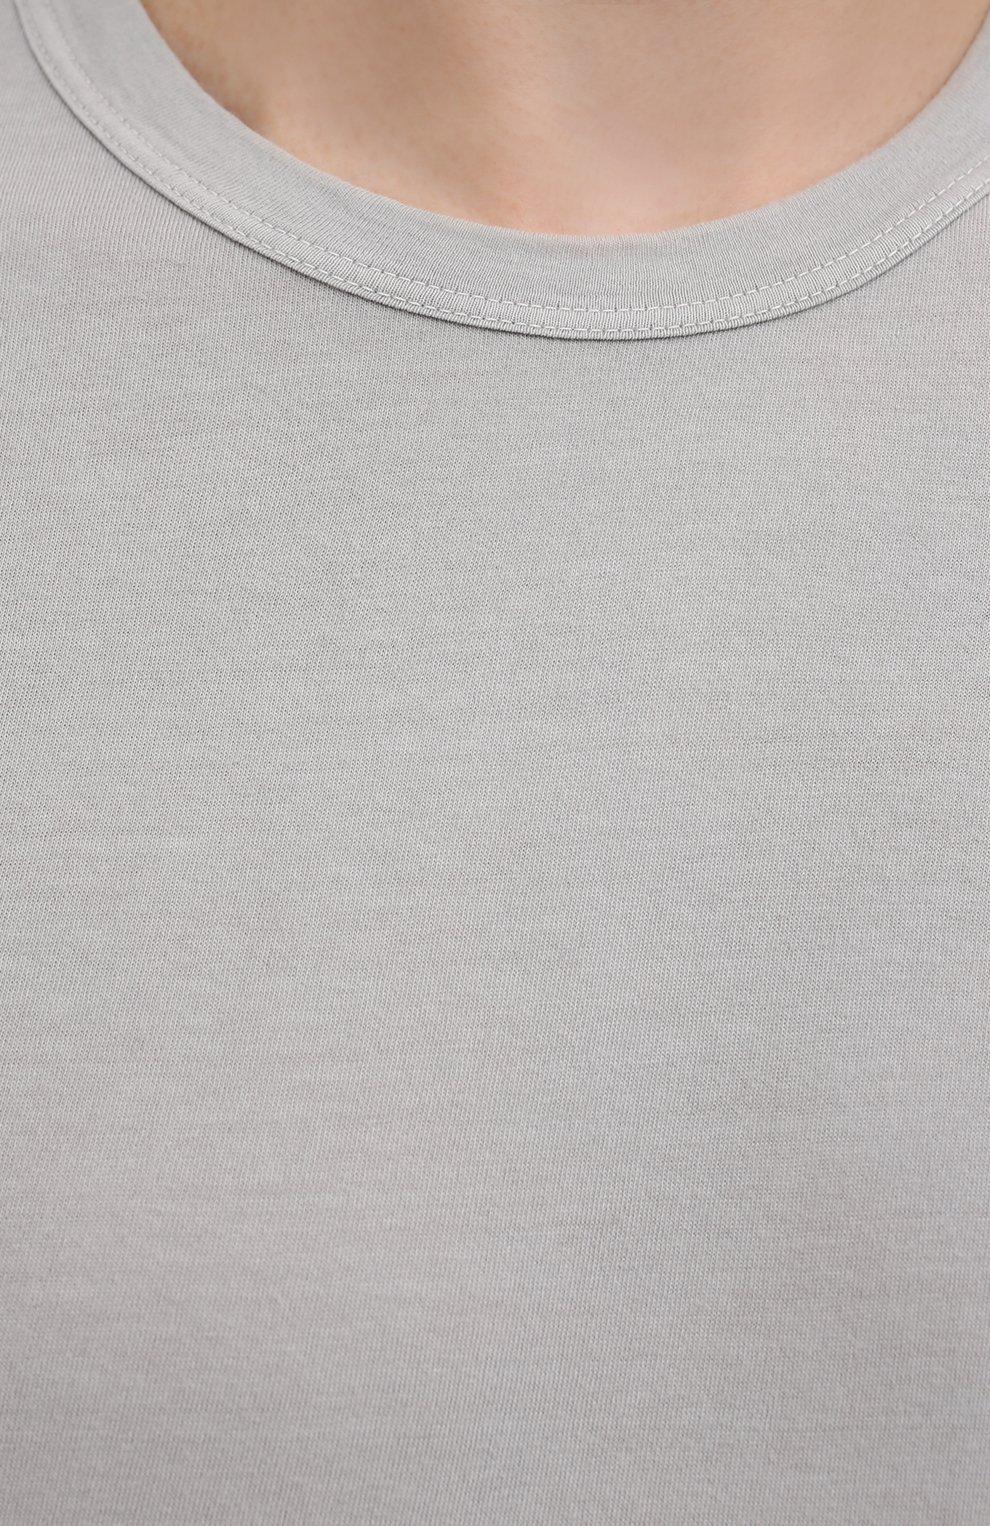 Мужская хлопковый лонгслив JAMES PERSE серого цвета, арт. MLJ3351 | Фото 5 (Рукава: Длинные; Принт: Без принта; Длина (для топов): Стандартные; Материал внешний: Хлопок; Стили: Минимализм)